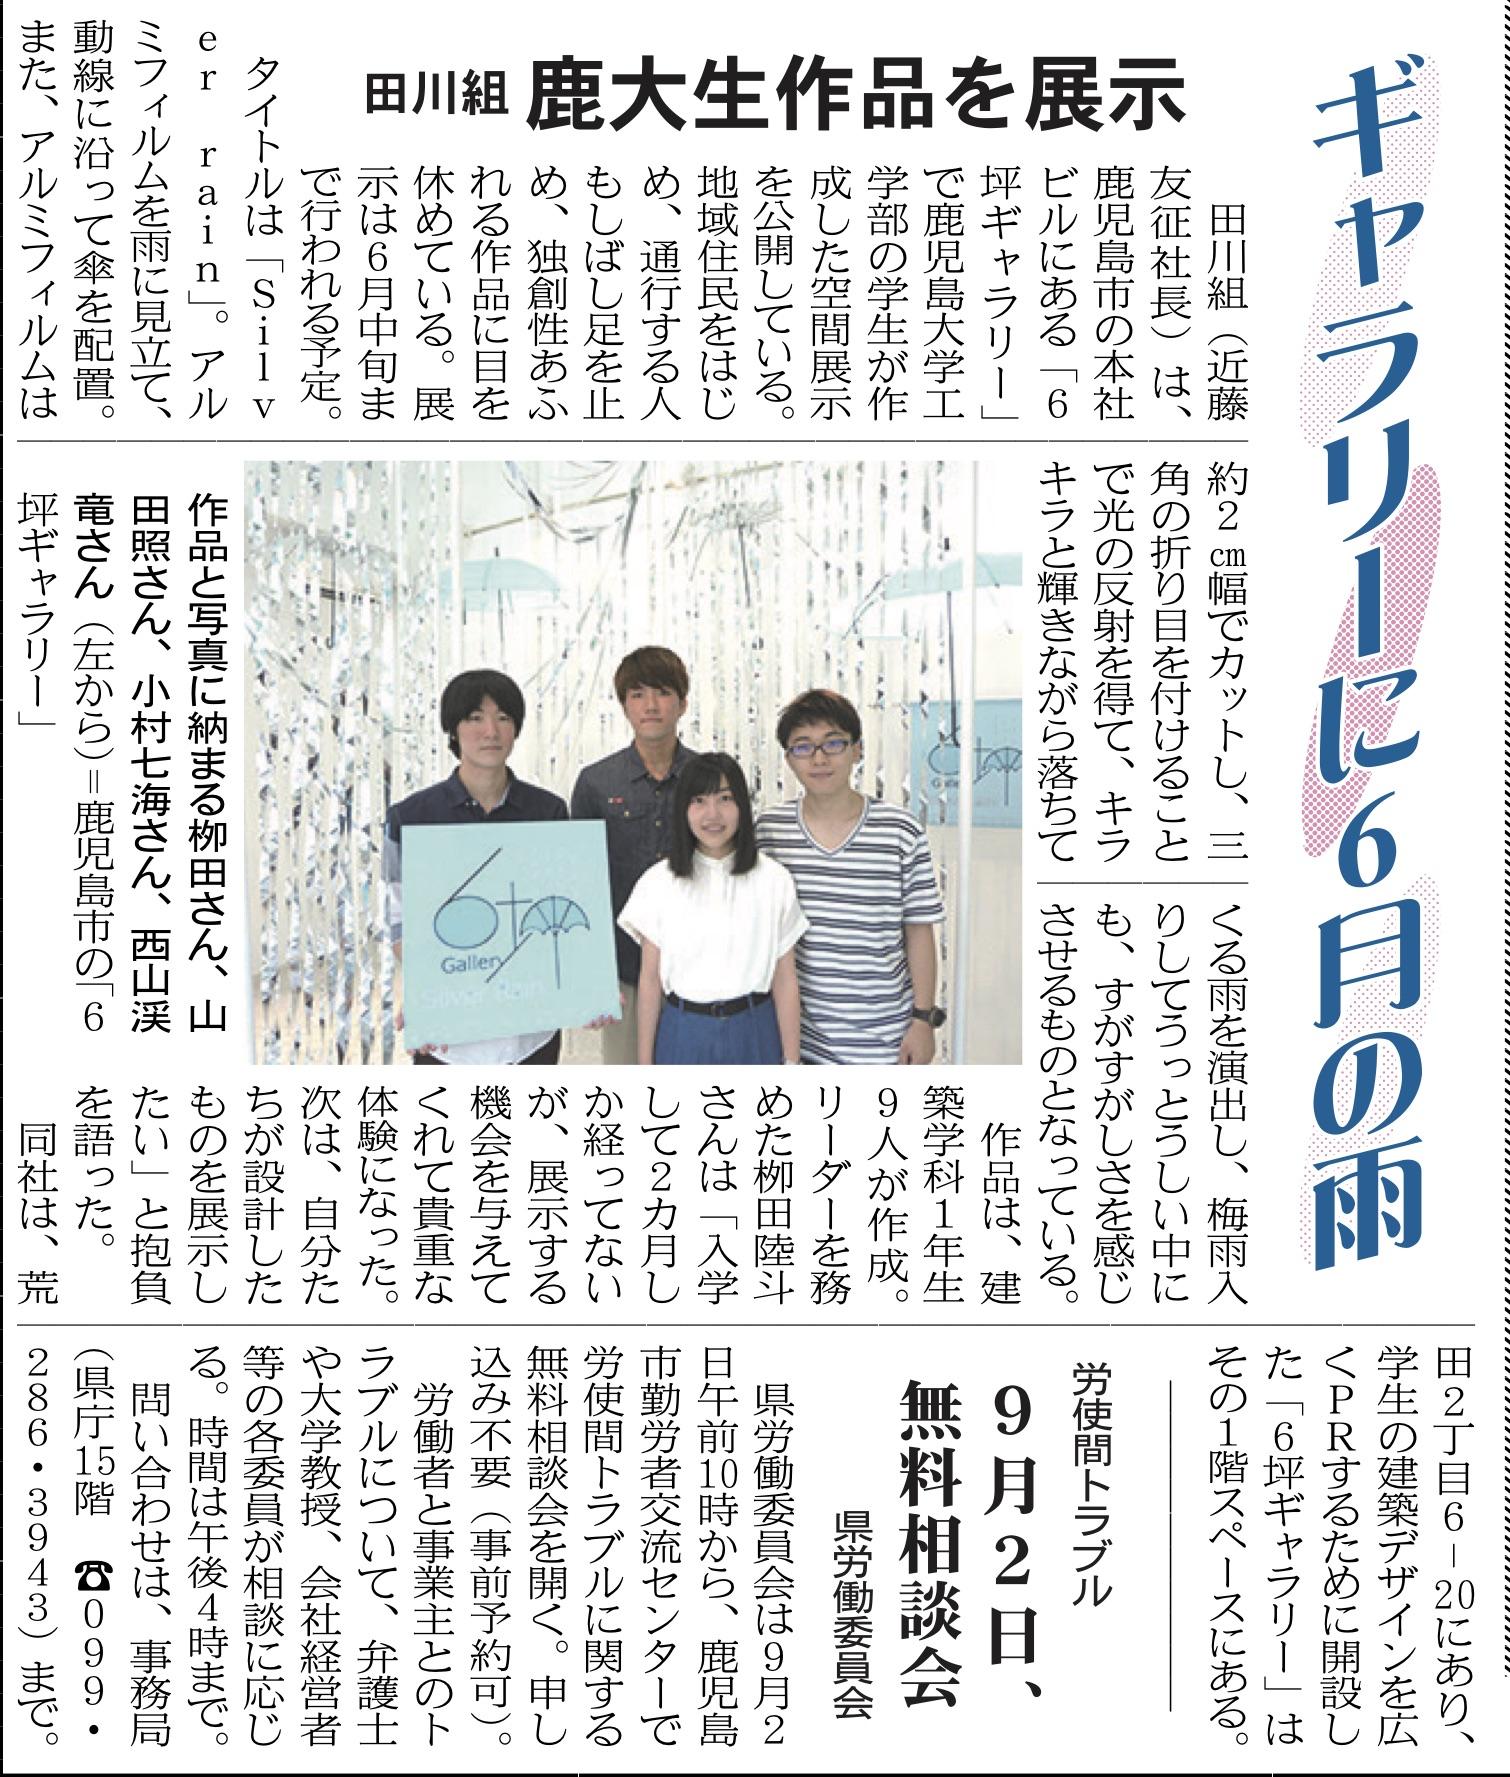 建築学科1年生によるインスタレーションが 鹿児島建設新聞に紹介されまいた。